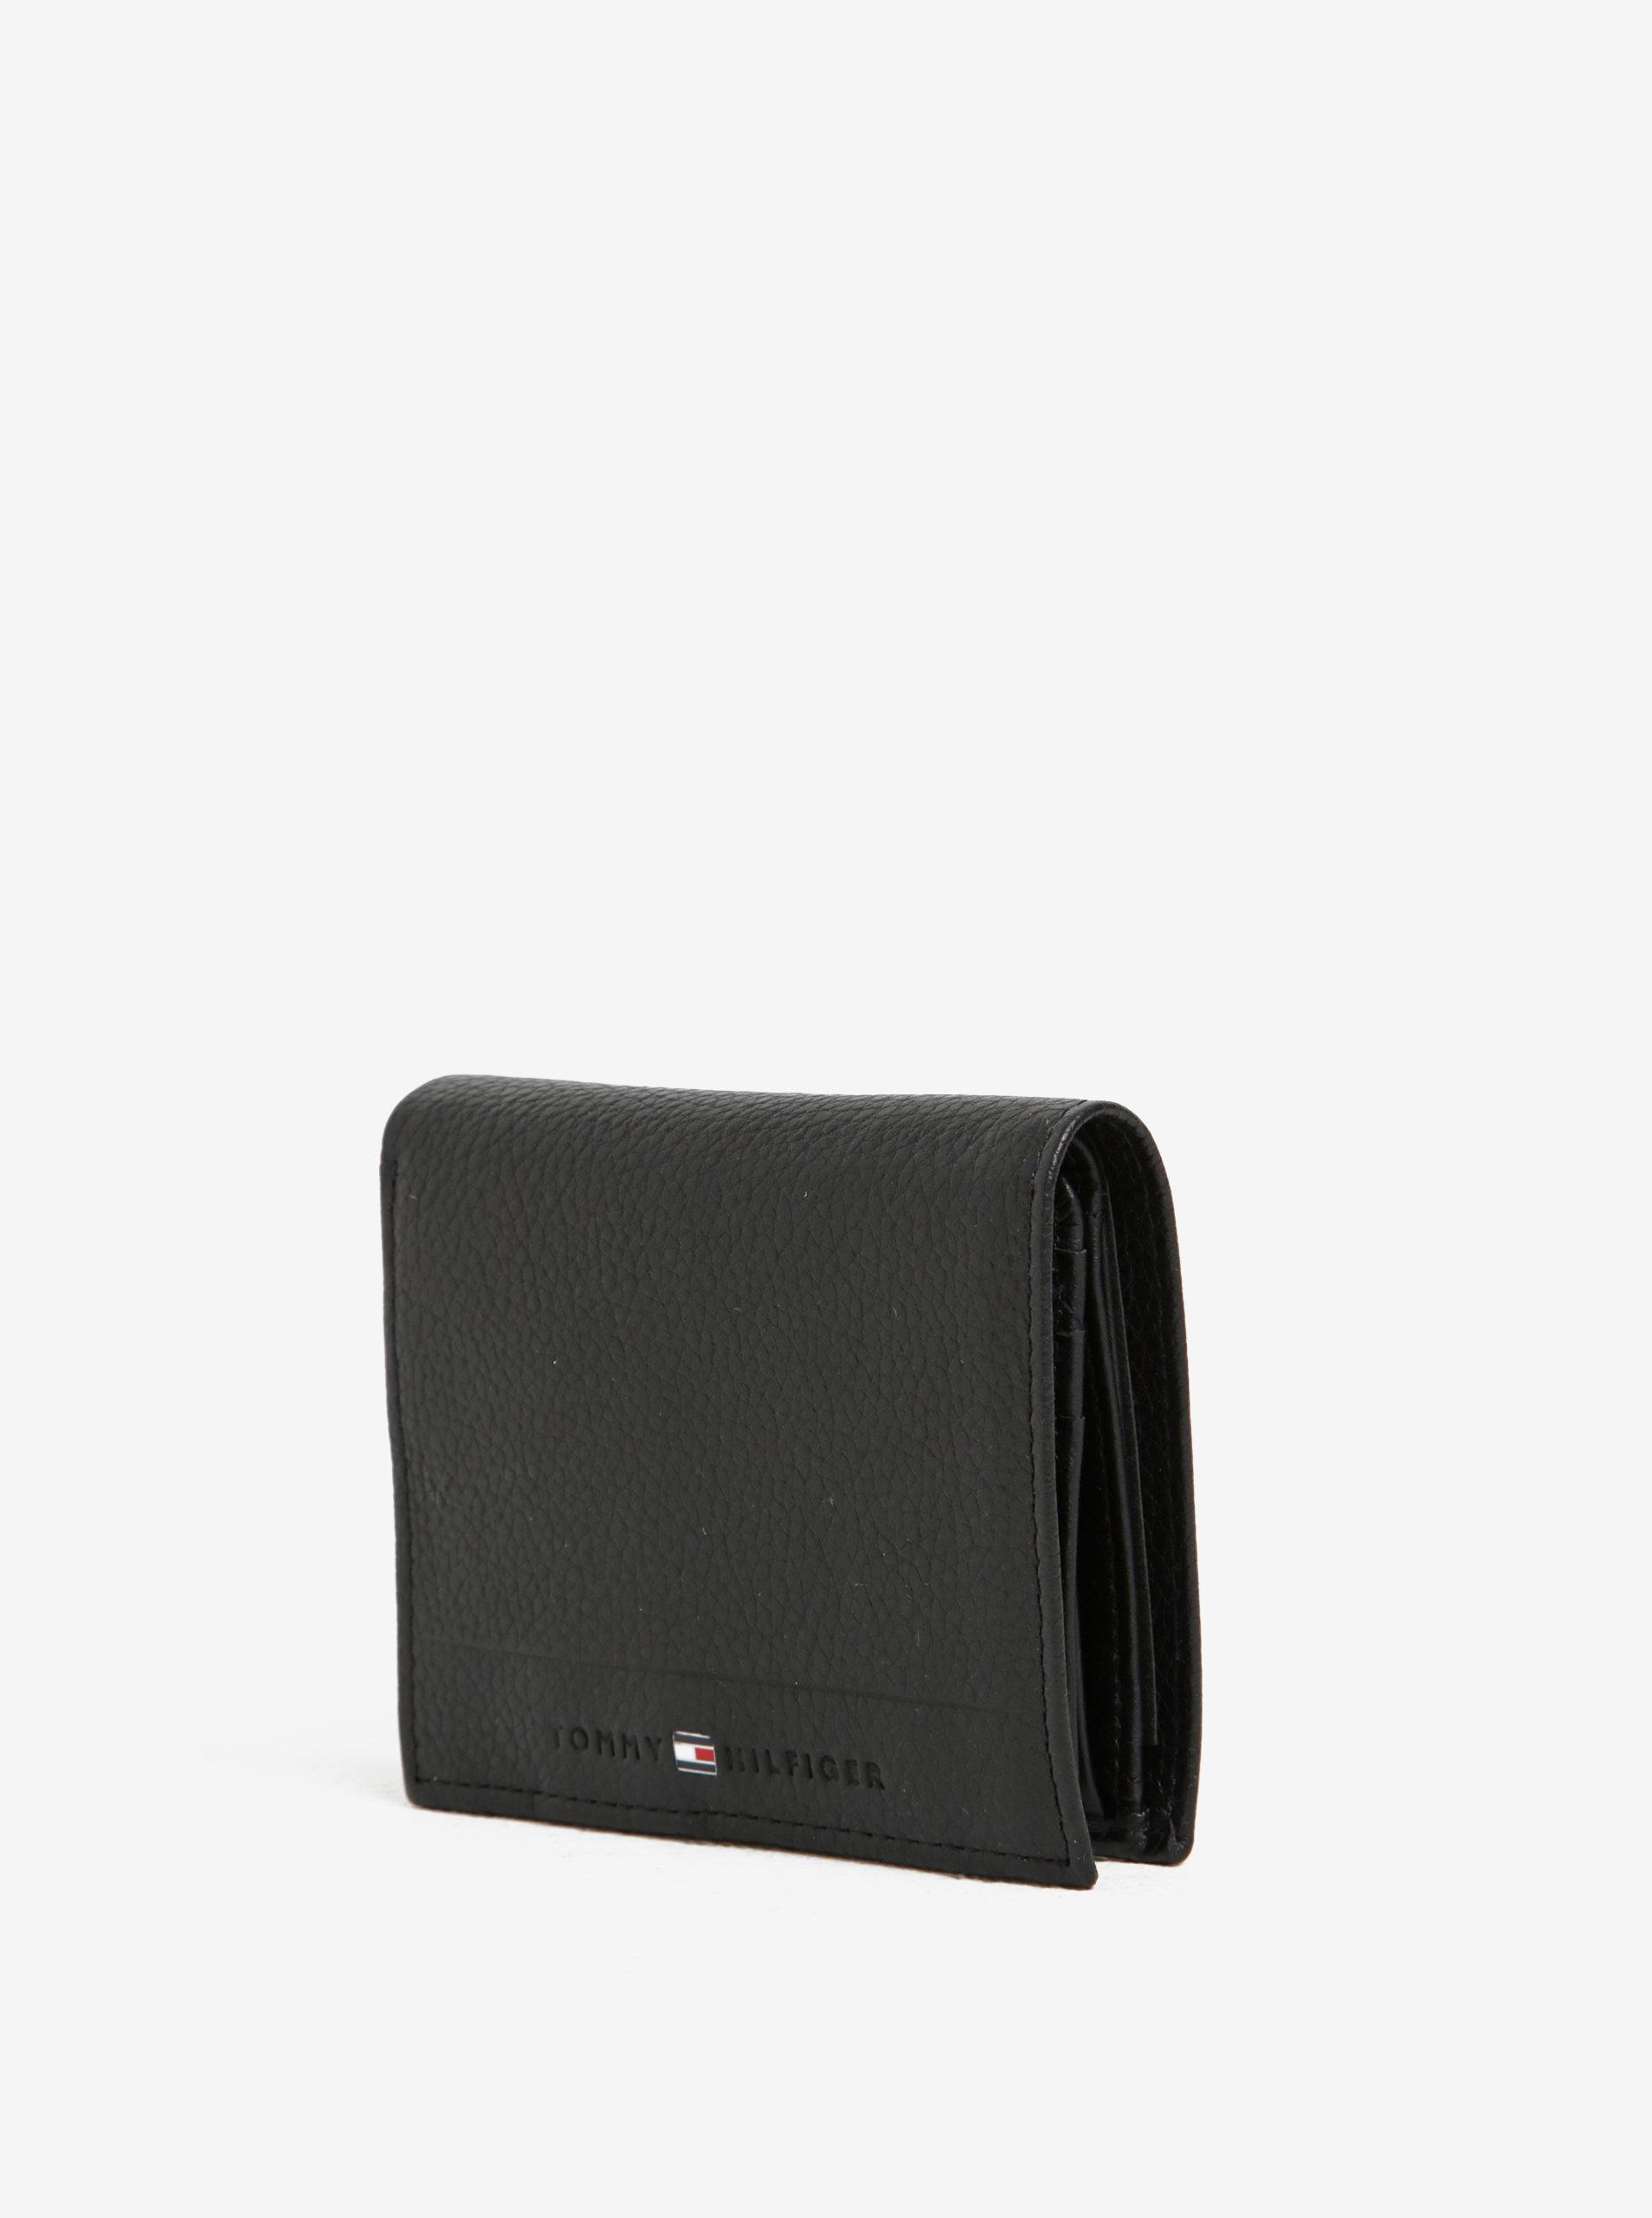 čierna pánska kožená peňaženka Tommy Hilfiger core ... 0e28cb4d5bd